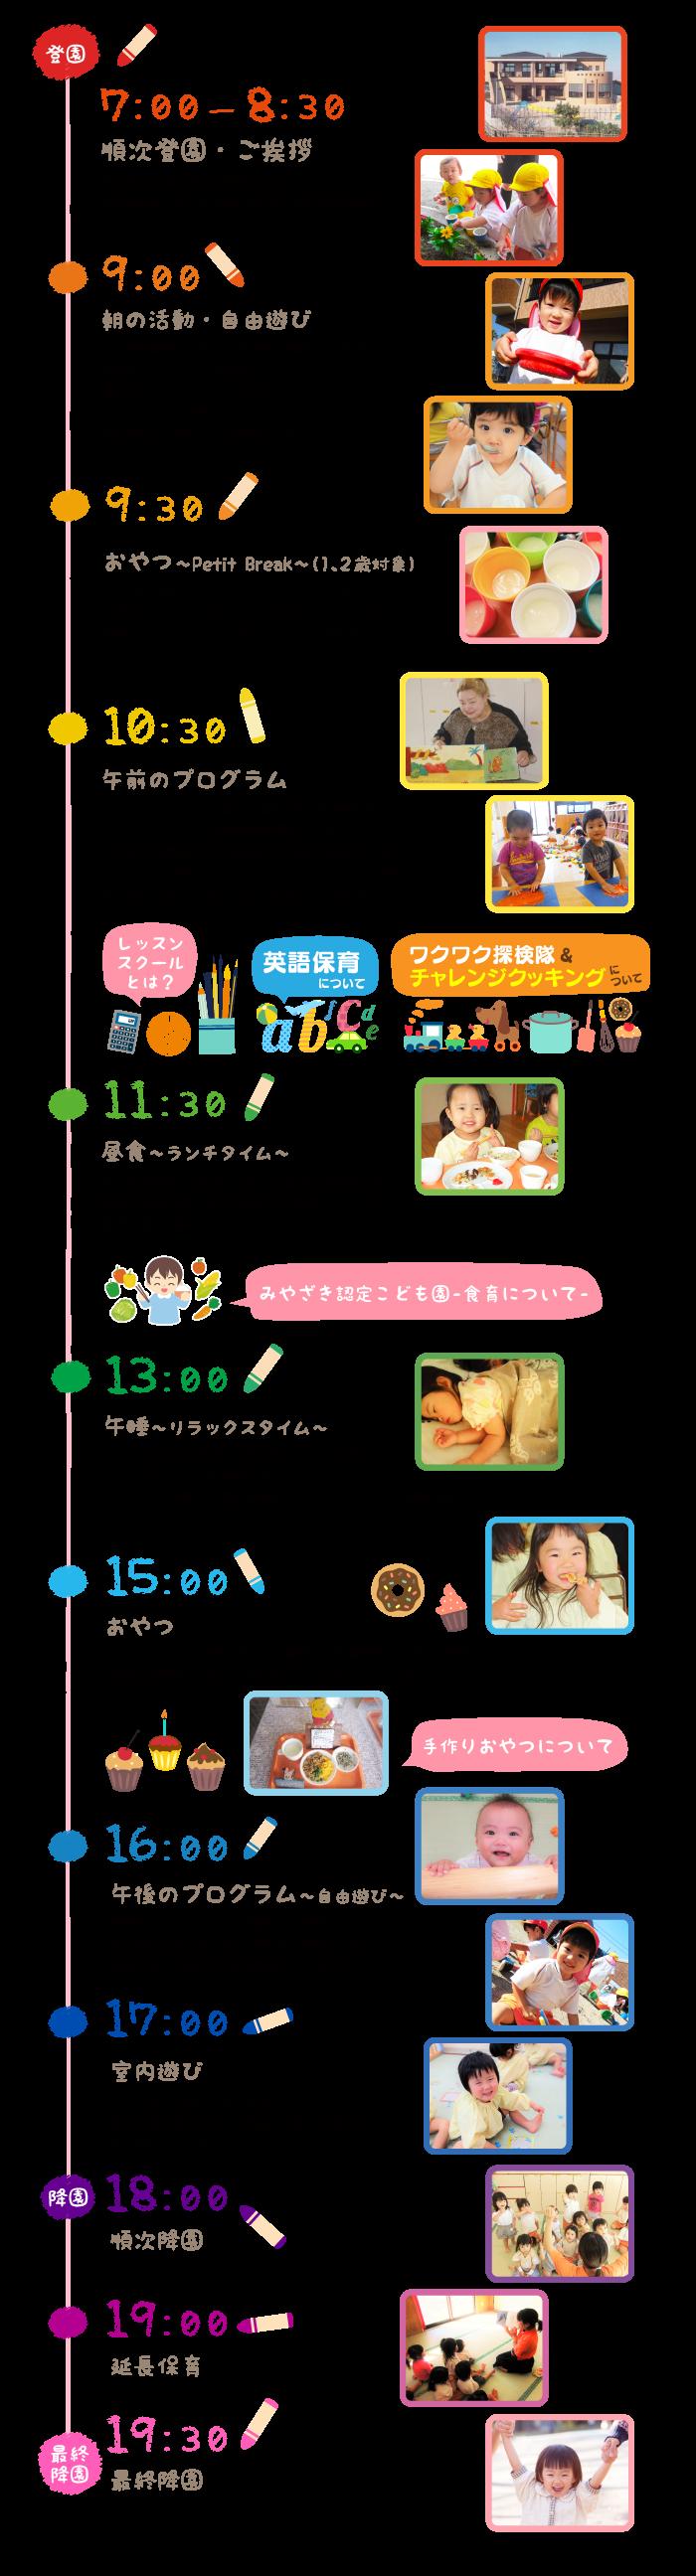 3歳未満お子様の1日の保育の流れ